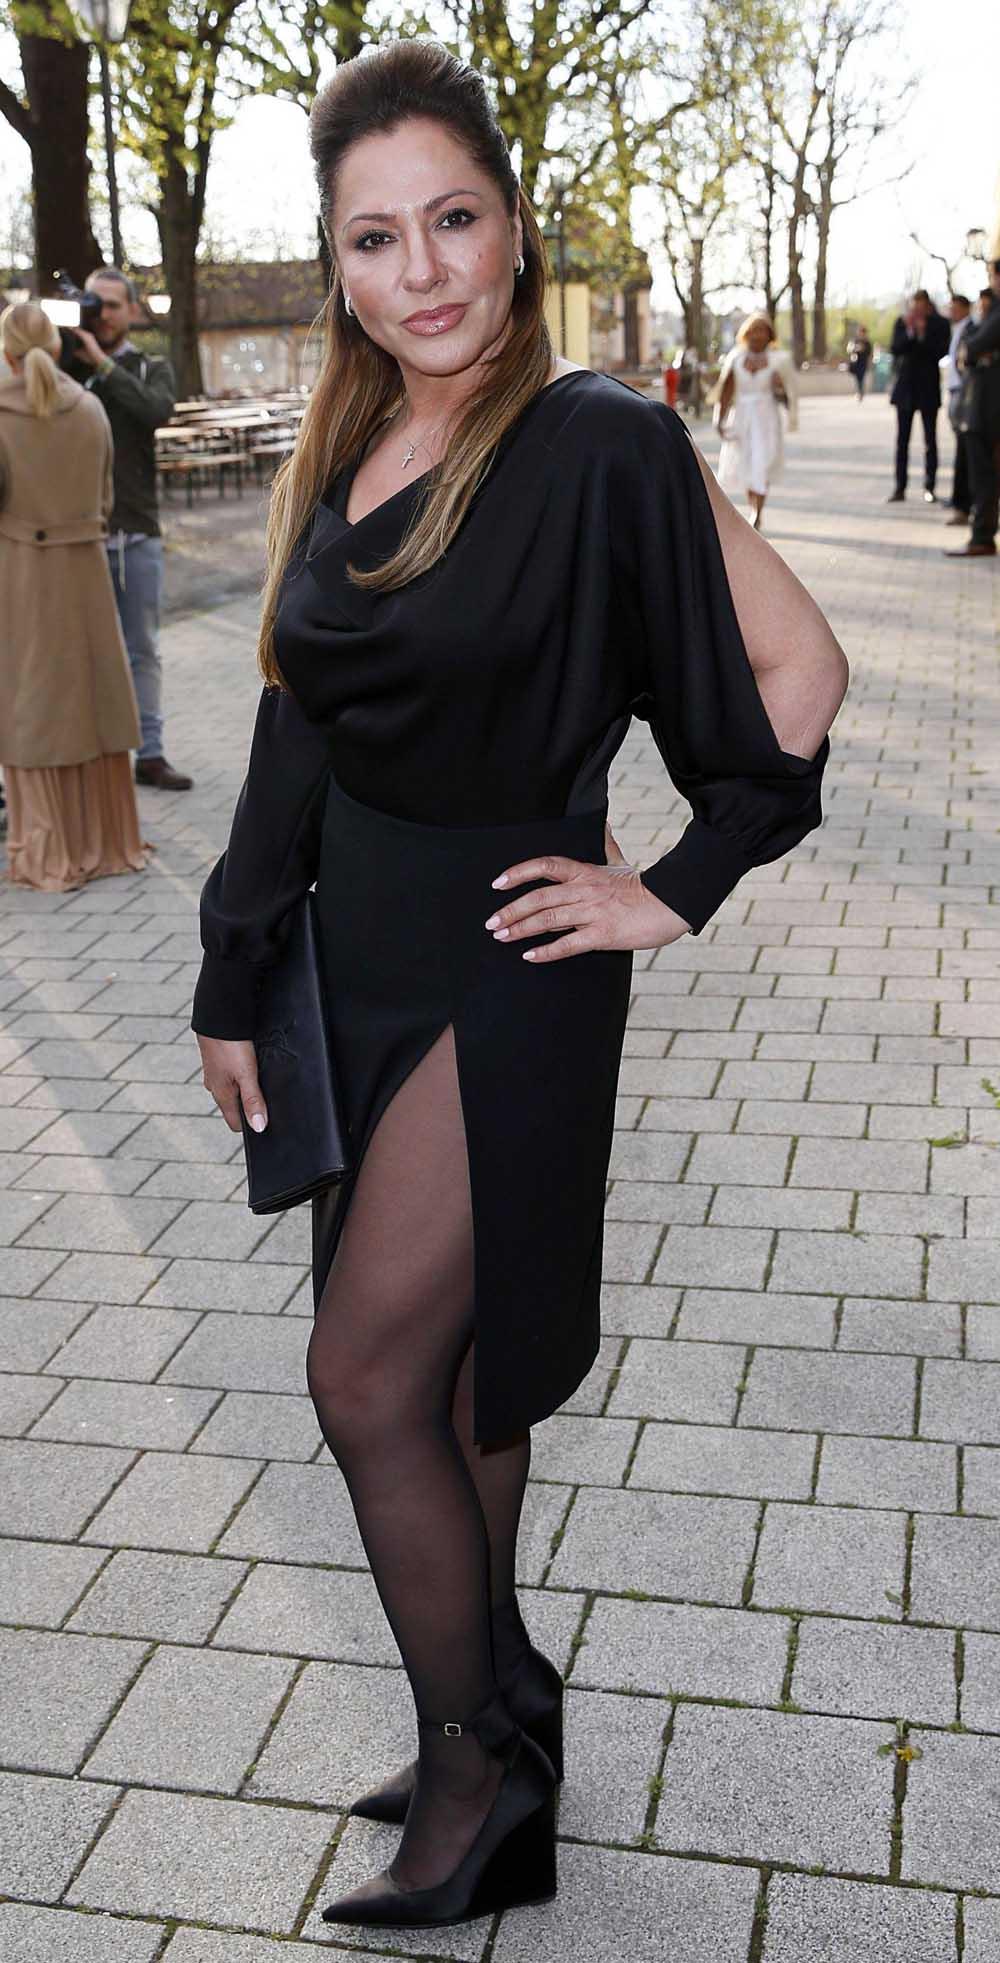 Simone Thomalla Nackt. Fotografie - 61